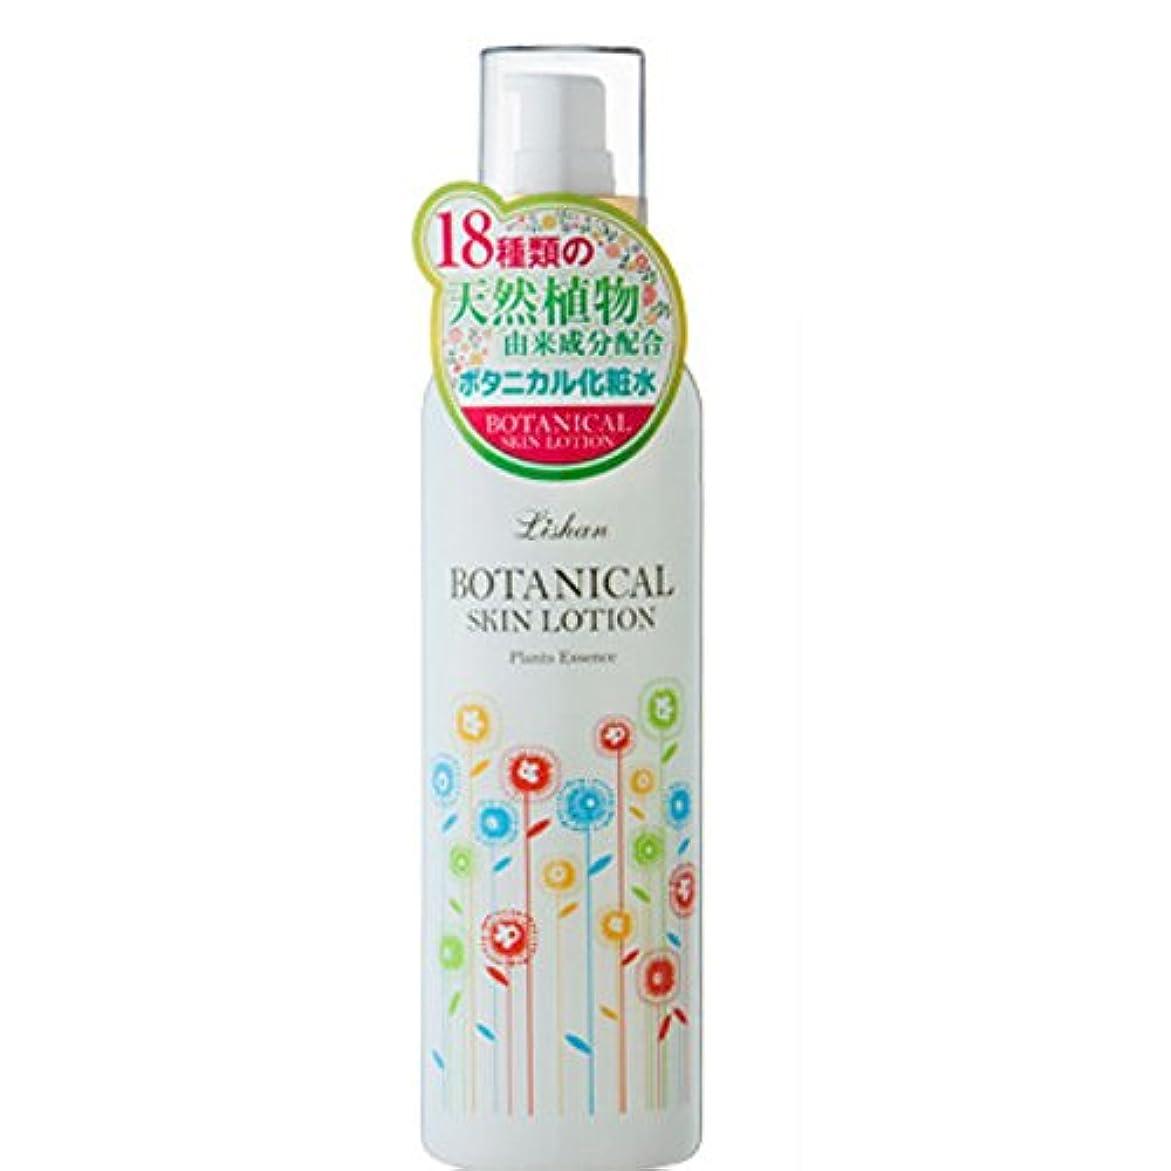 ために仕様狂気アイスタイル リシャン ボタニカル化粧水 フローラルの香り 260ml